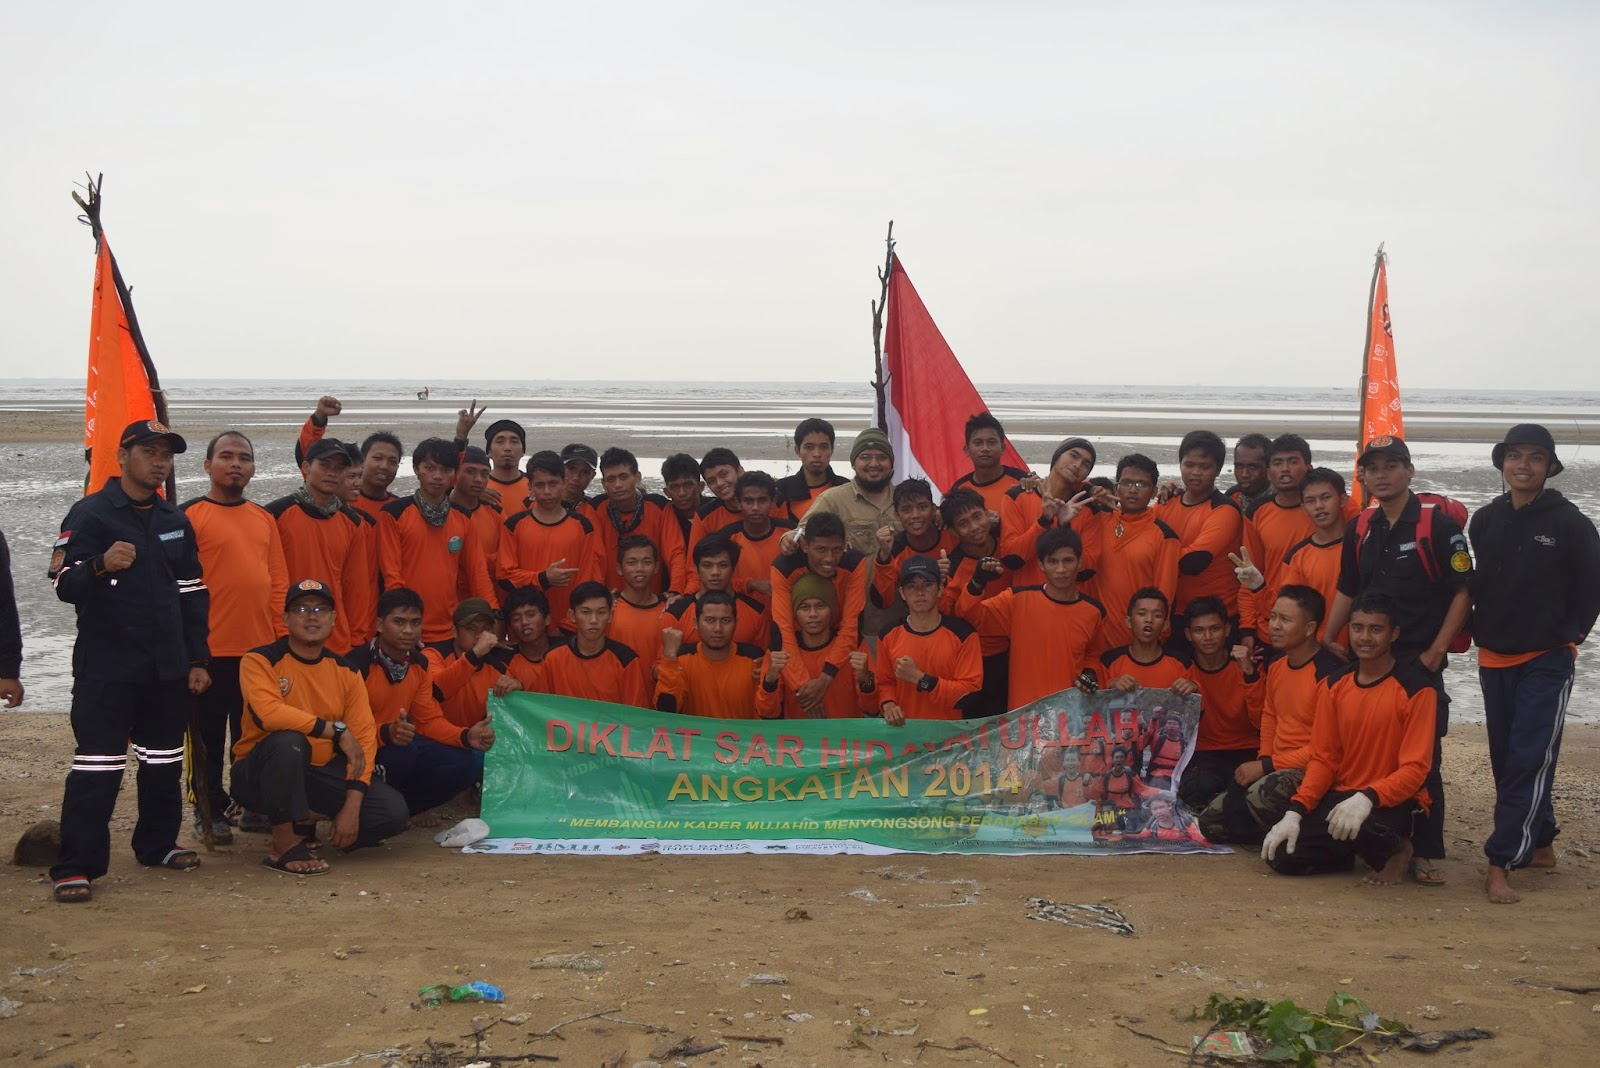 Para peserta dan panitia Diklat foto bersama dalam salah satu momen